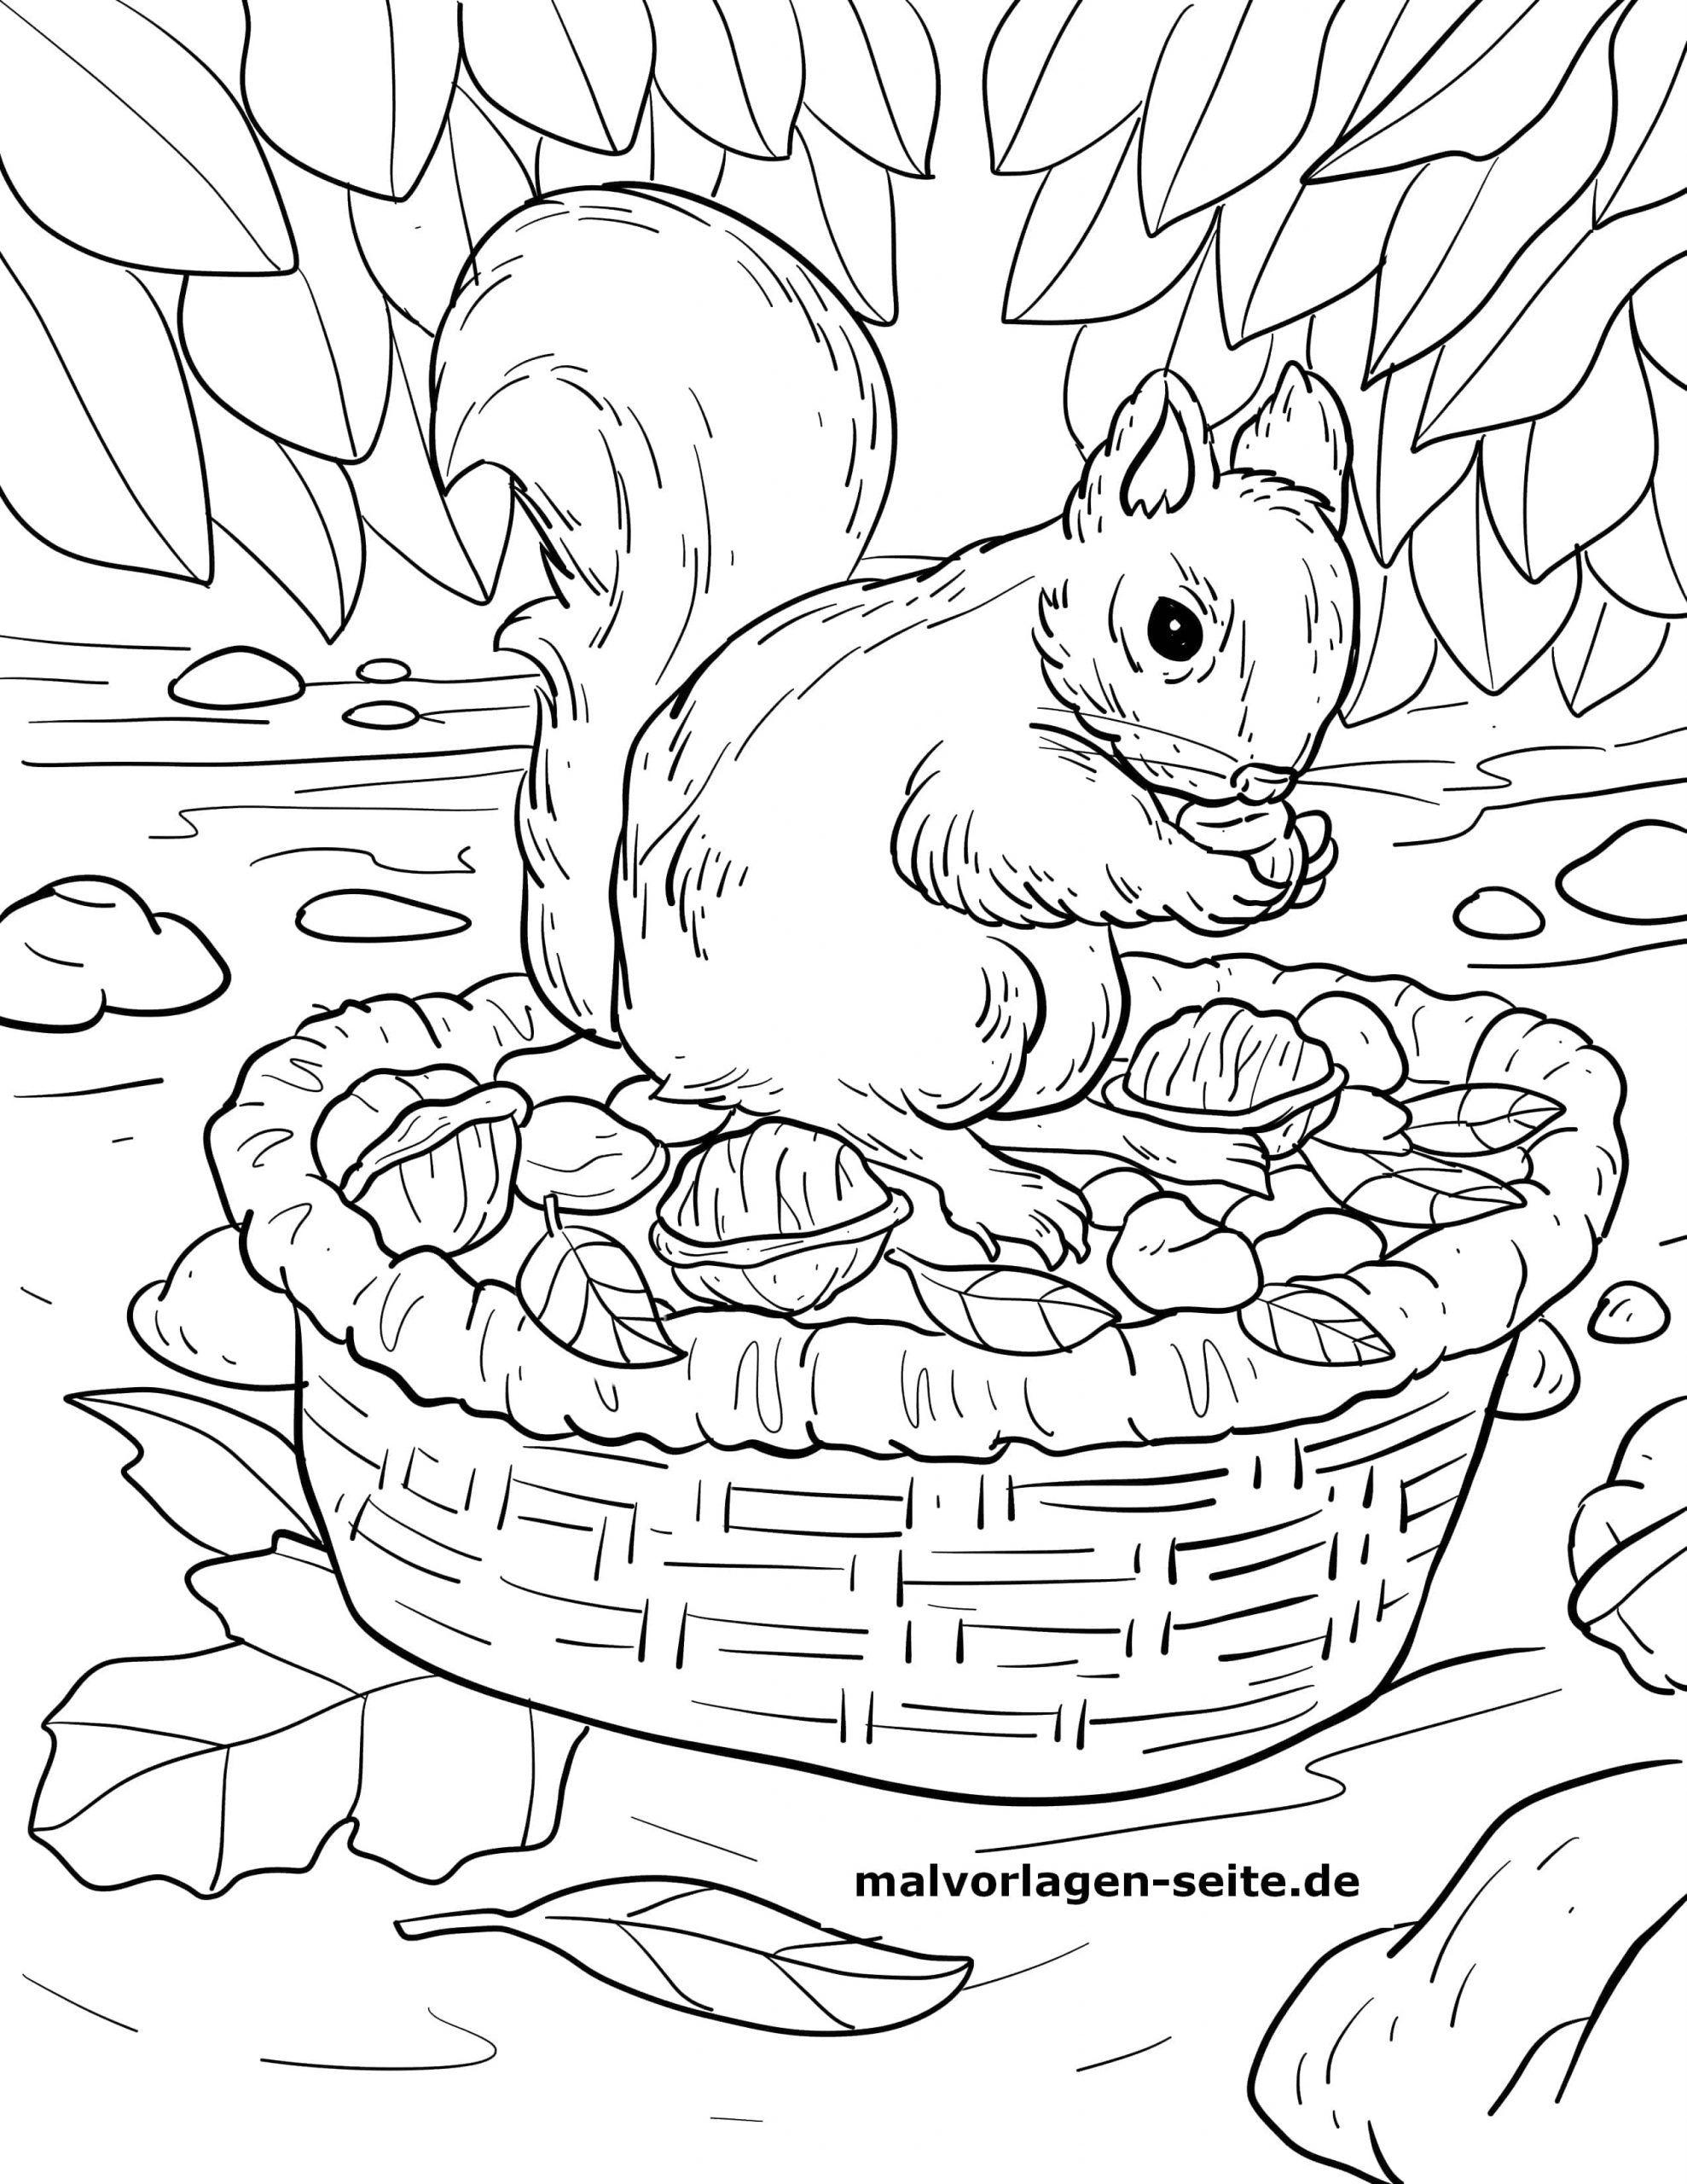 Herbst Malvorlagen Eichhörnchen Ausmalbilder Kostenlose